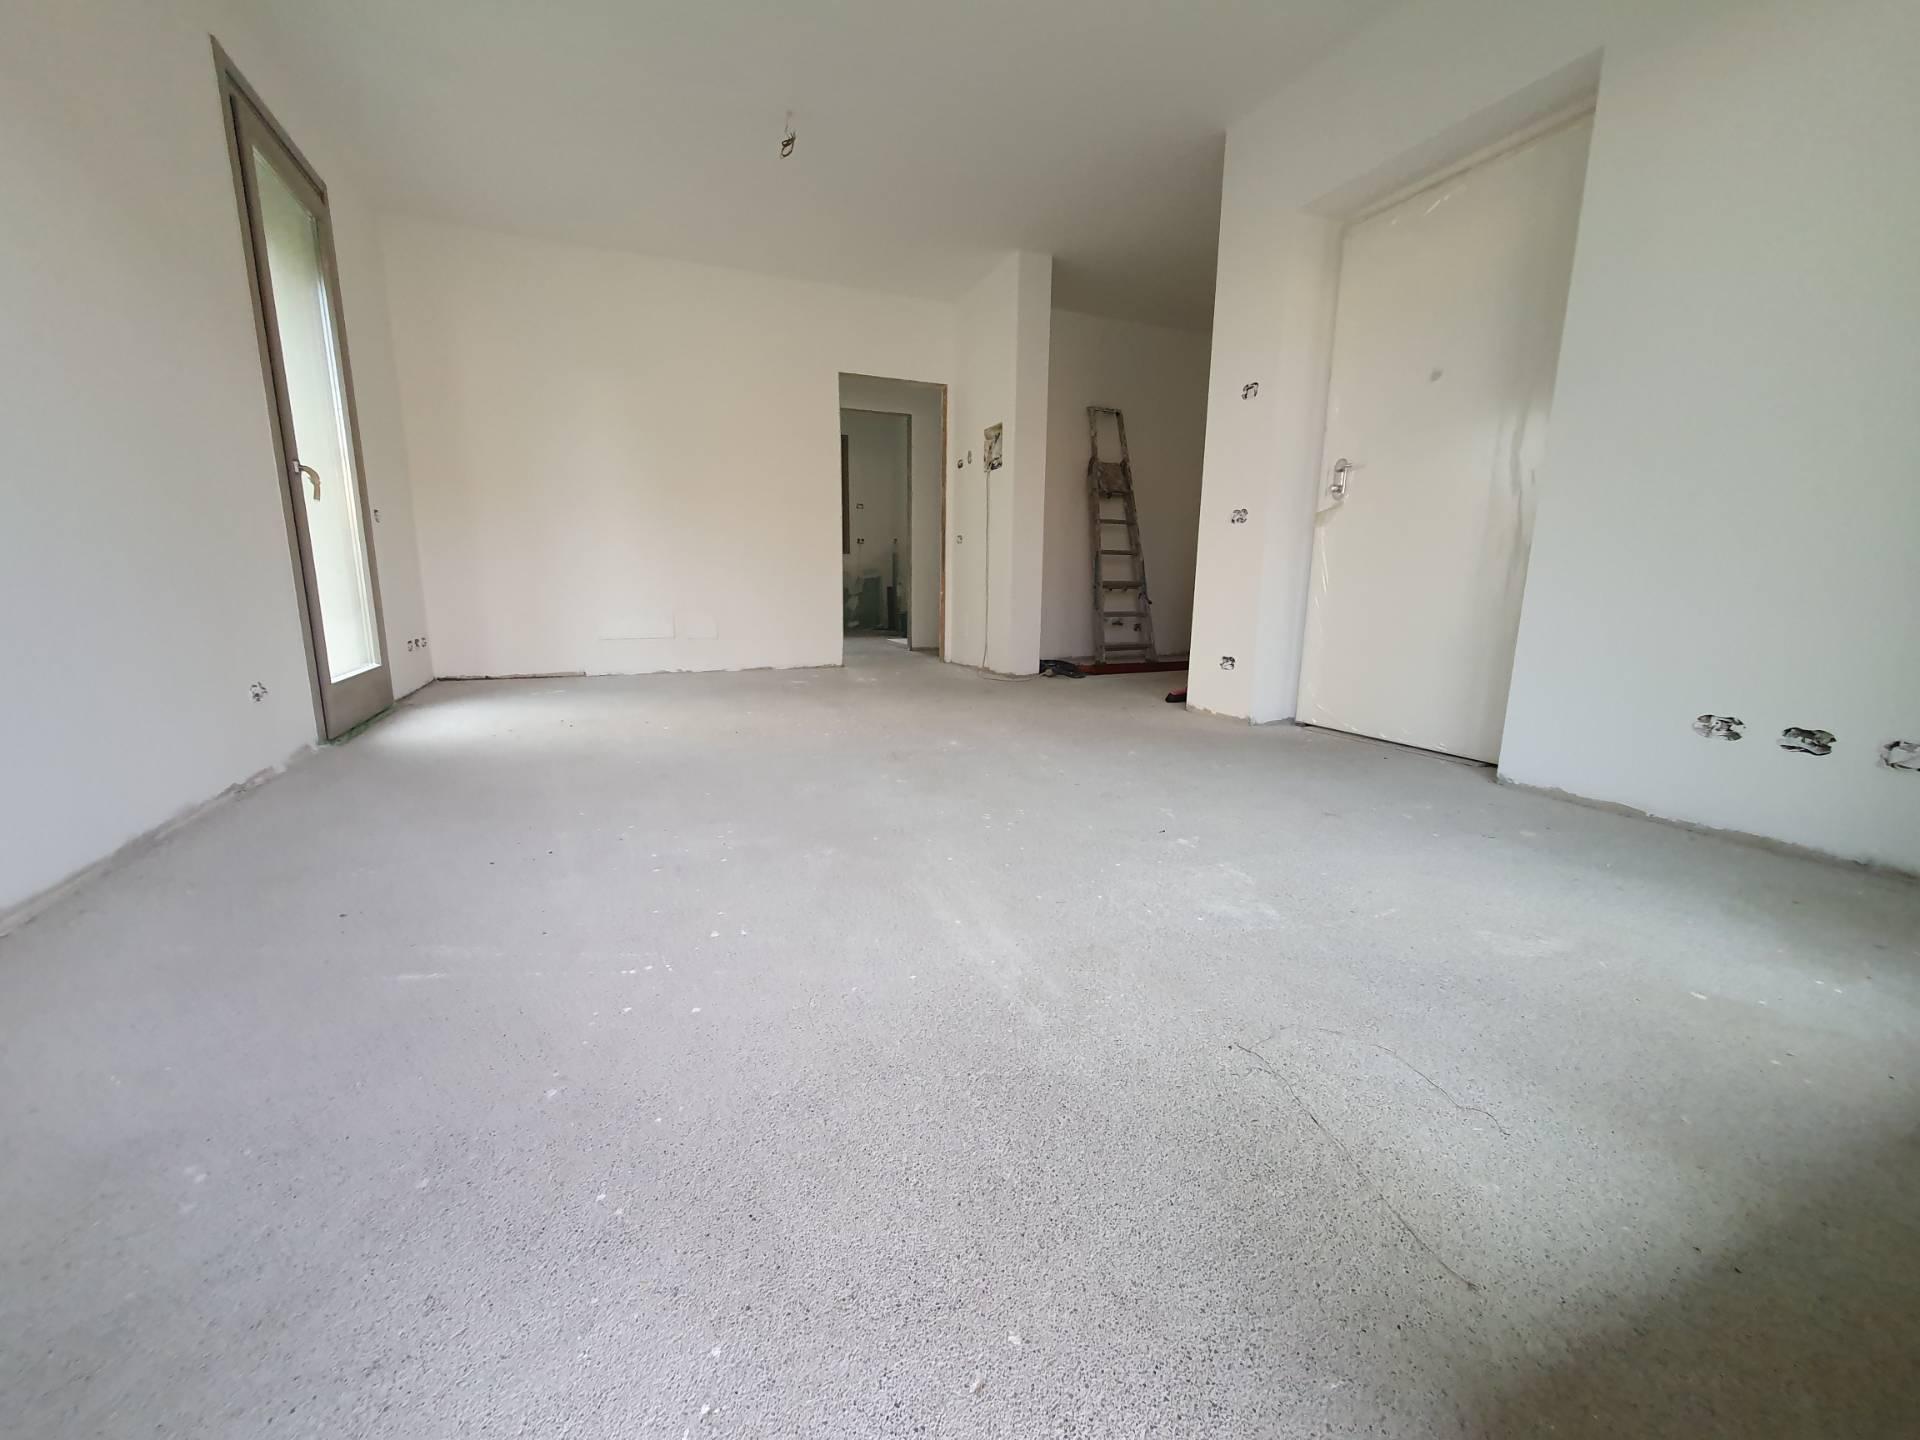 Appartamento in vendita a Pedrengo, 3 locali, prezzo € 211.000 | PortaleAgenzieImmobiliari.it